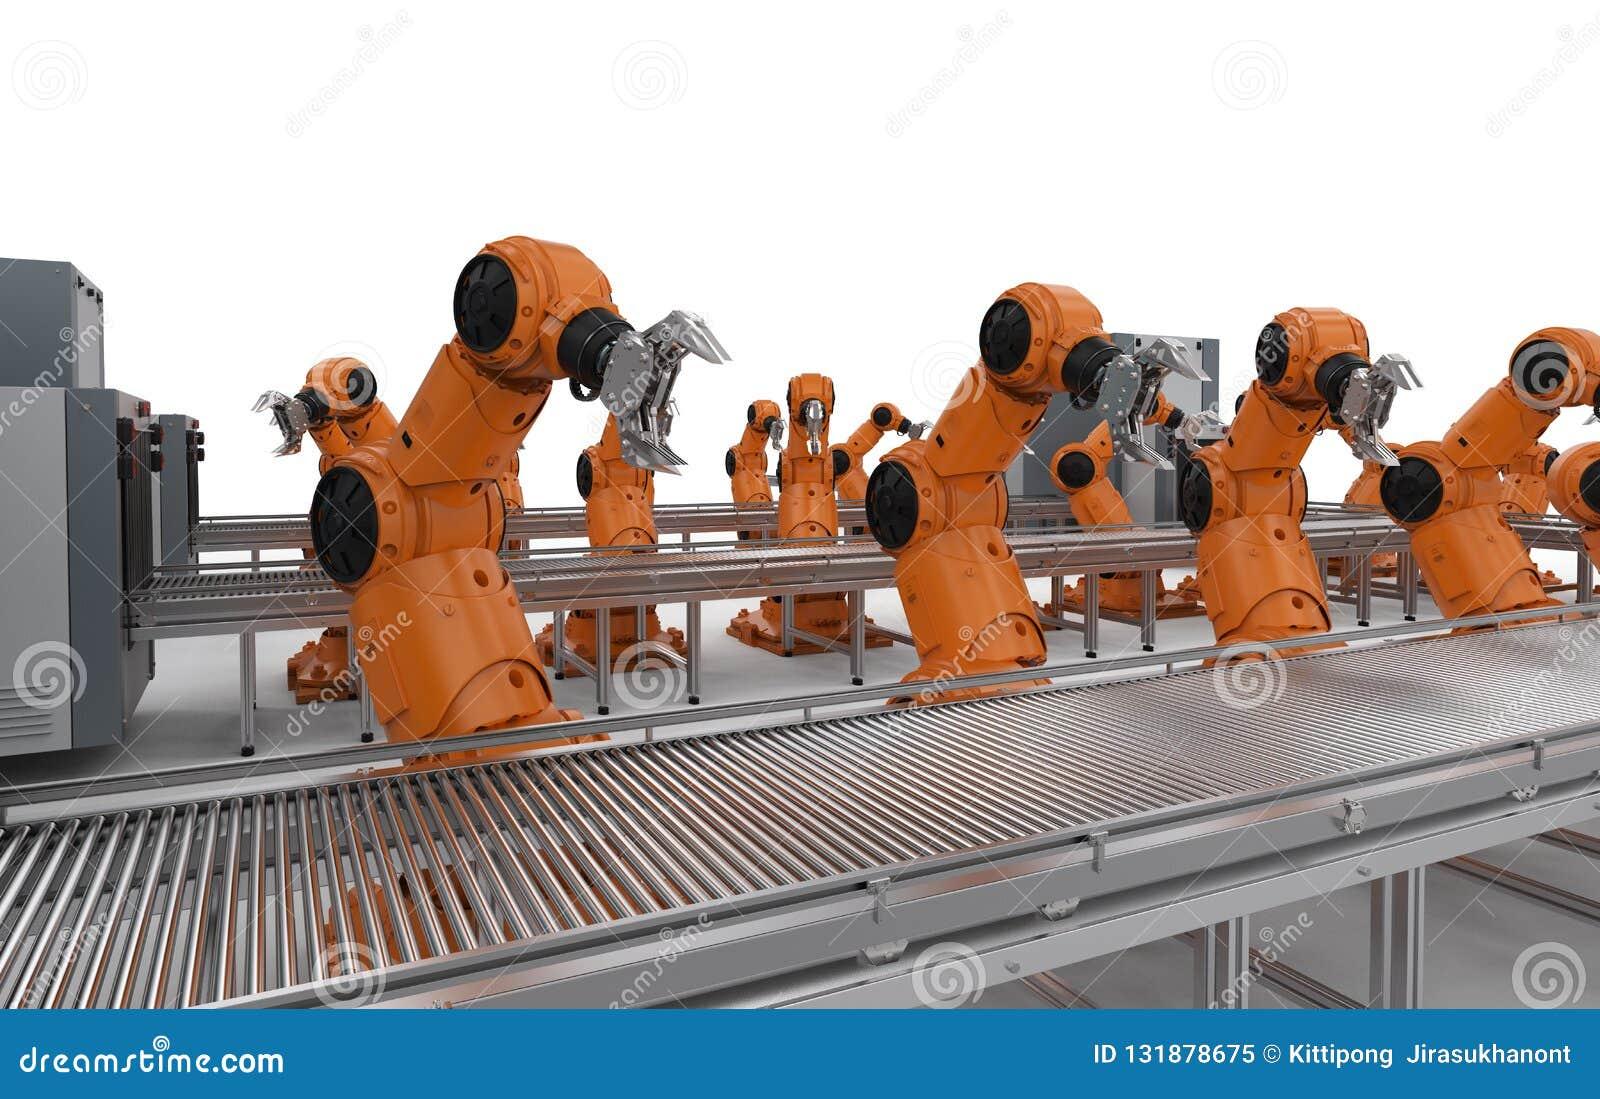 Robotlopende band